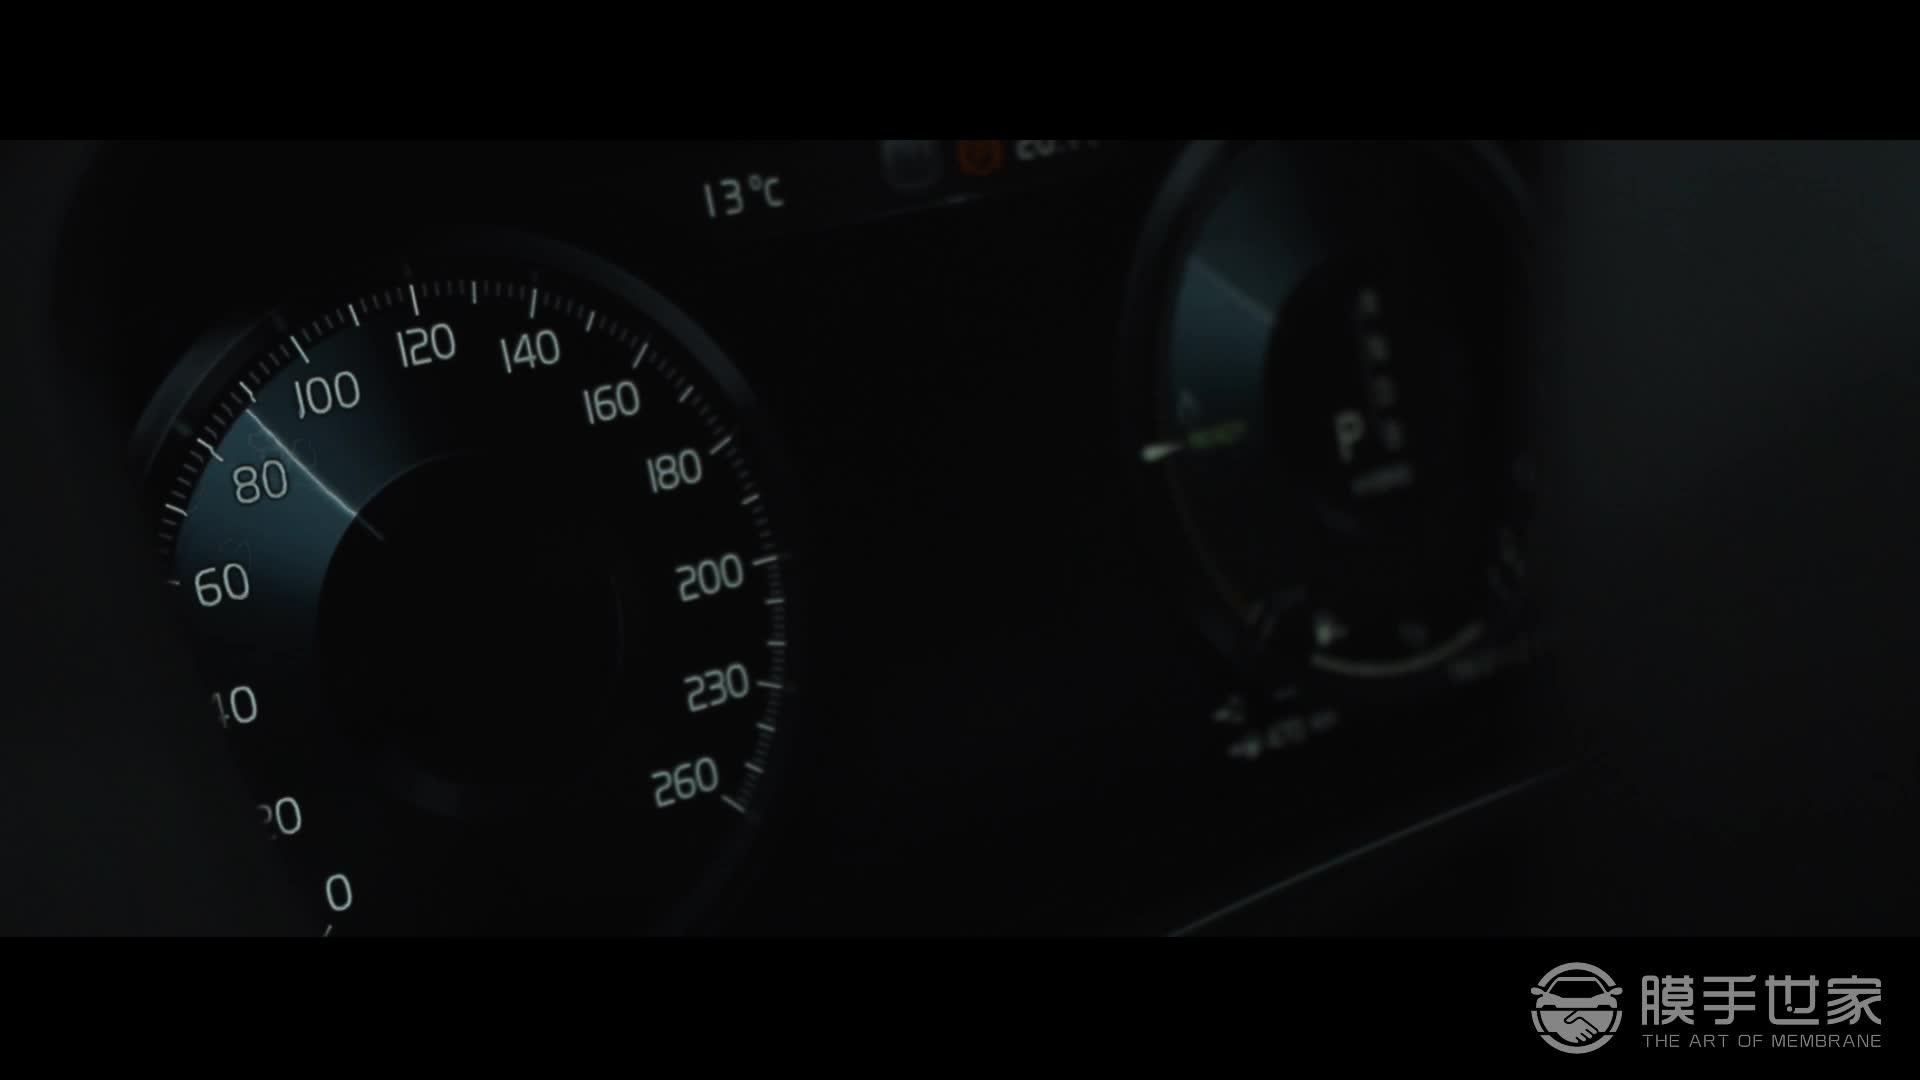 沃尔沃XC60贴XPEL隐形车衣视频效果